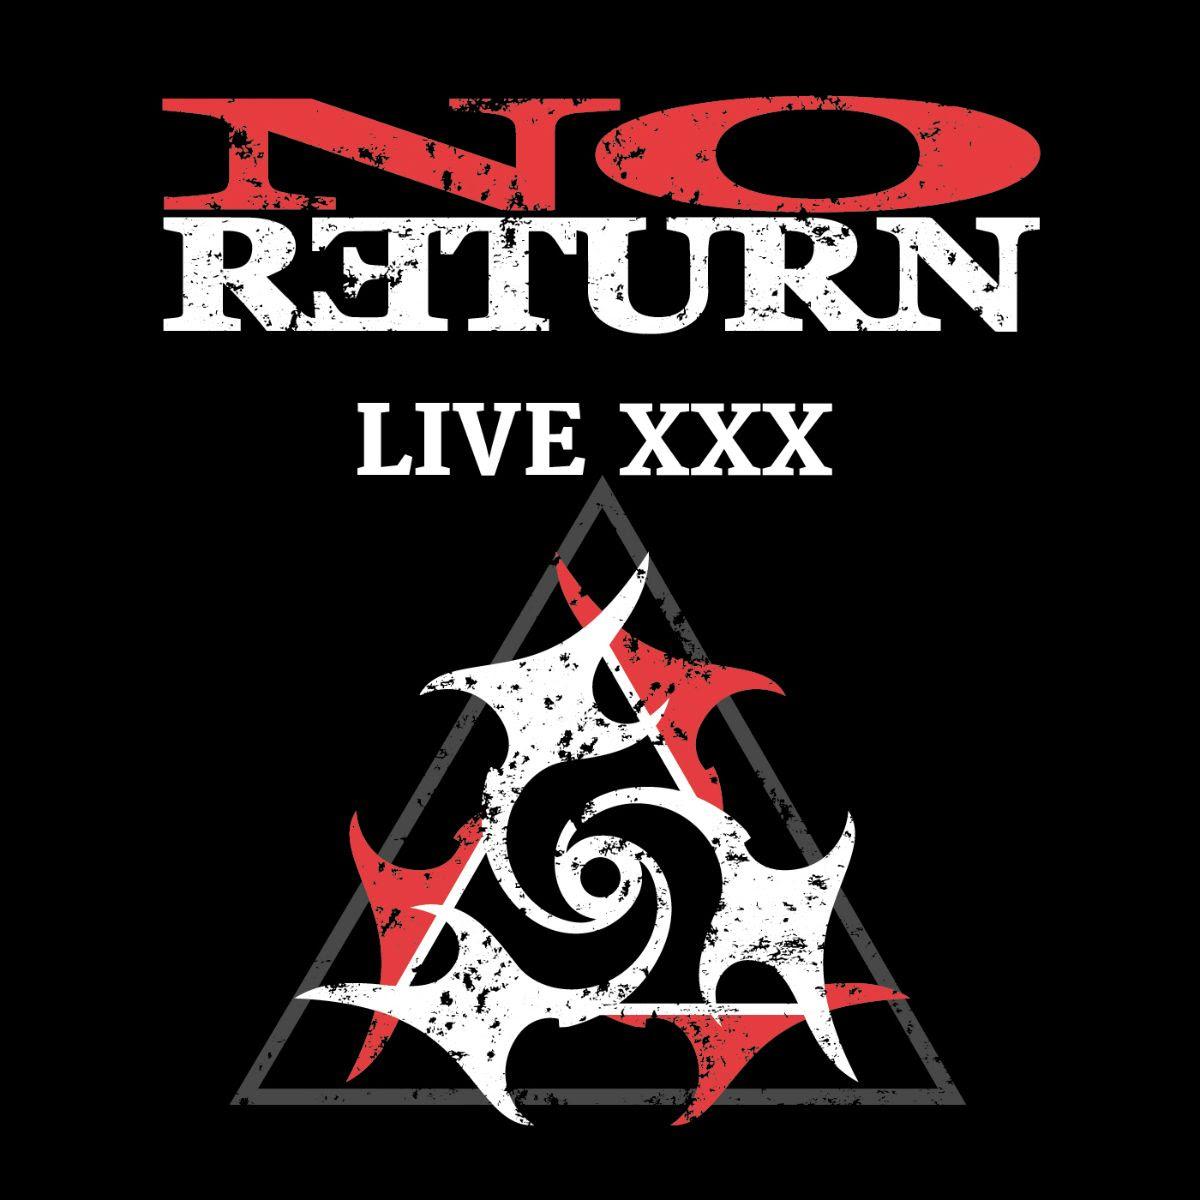 No Return - Live XXX